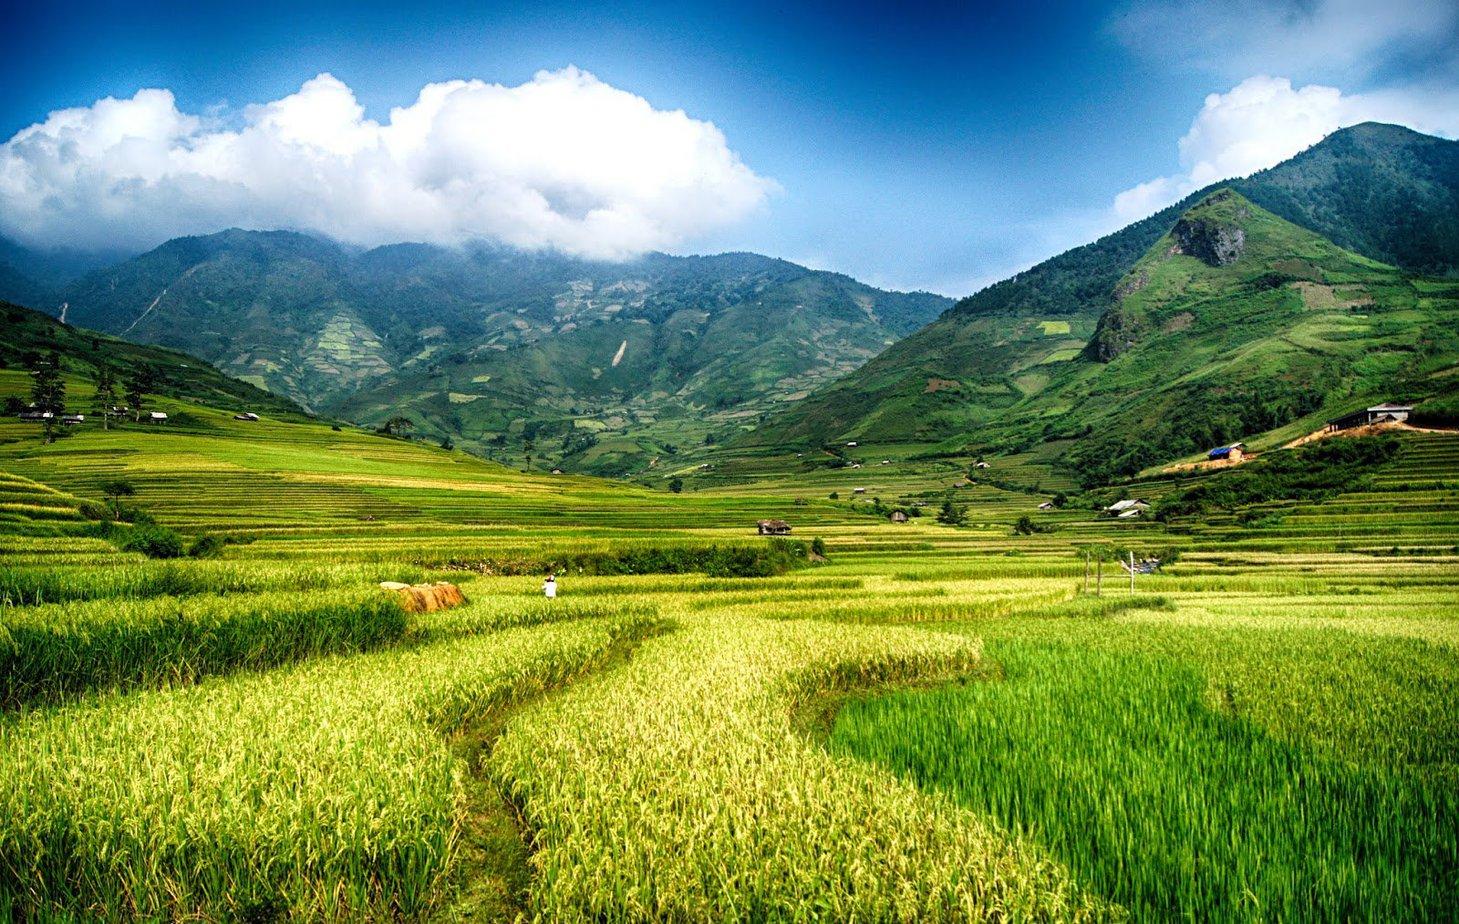 Cánh đồng lúa Mường Lò đang trổ đòng, xung quanh có đồi núi rừng cây bao bọc